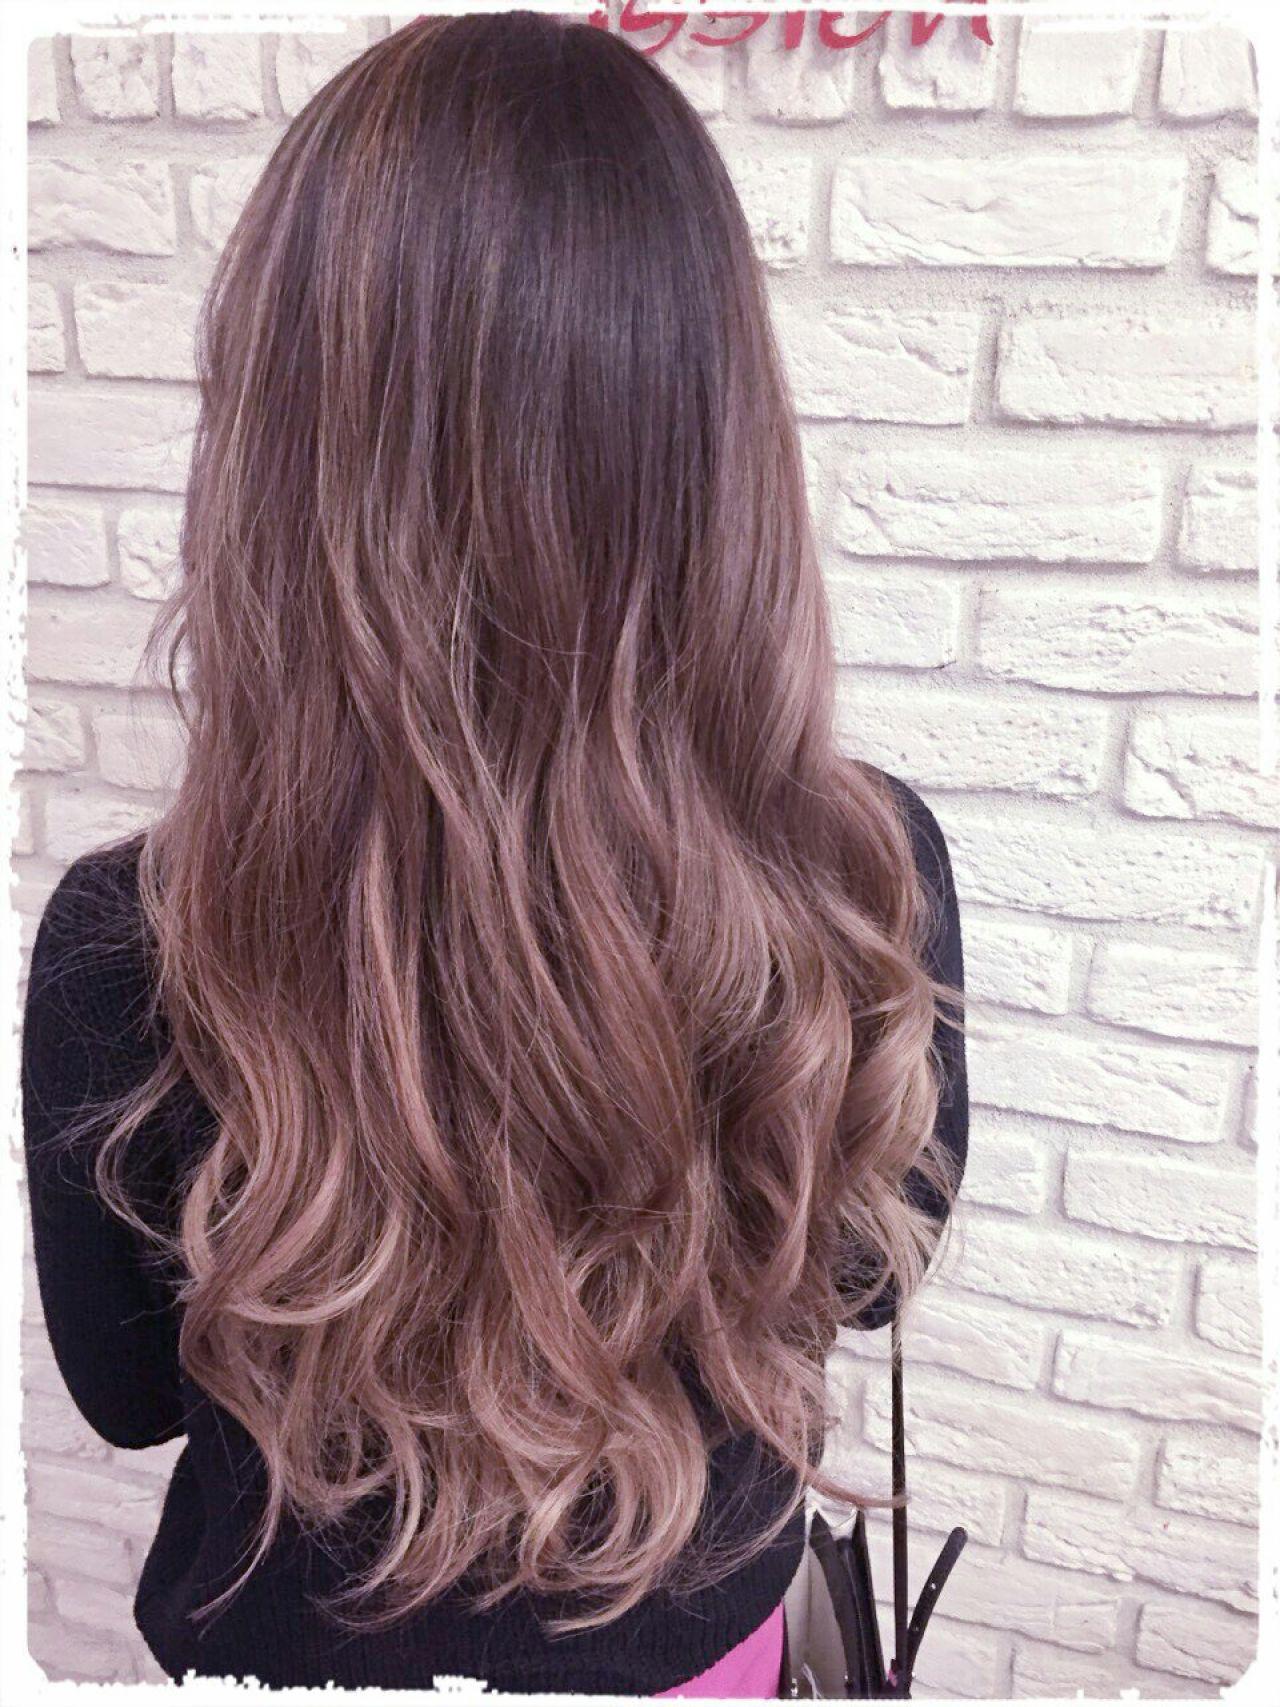 アッシュ 外国人風 モーブ グラデーションカラーヘアスタイルや髪型の写真・画像